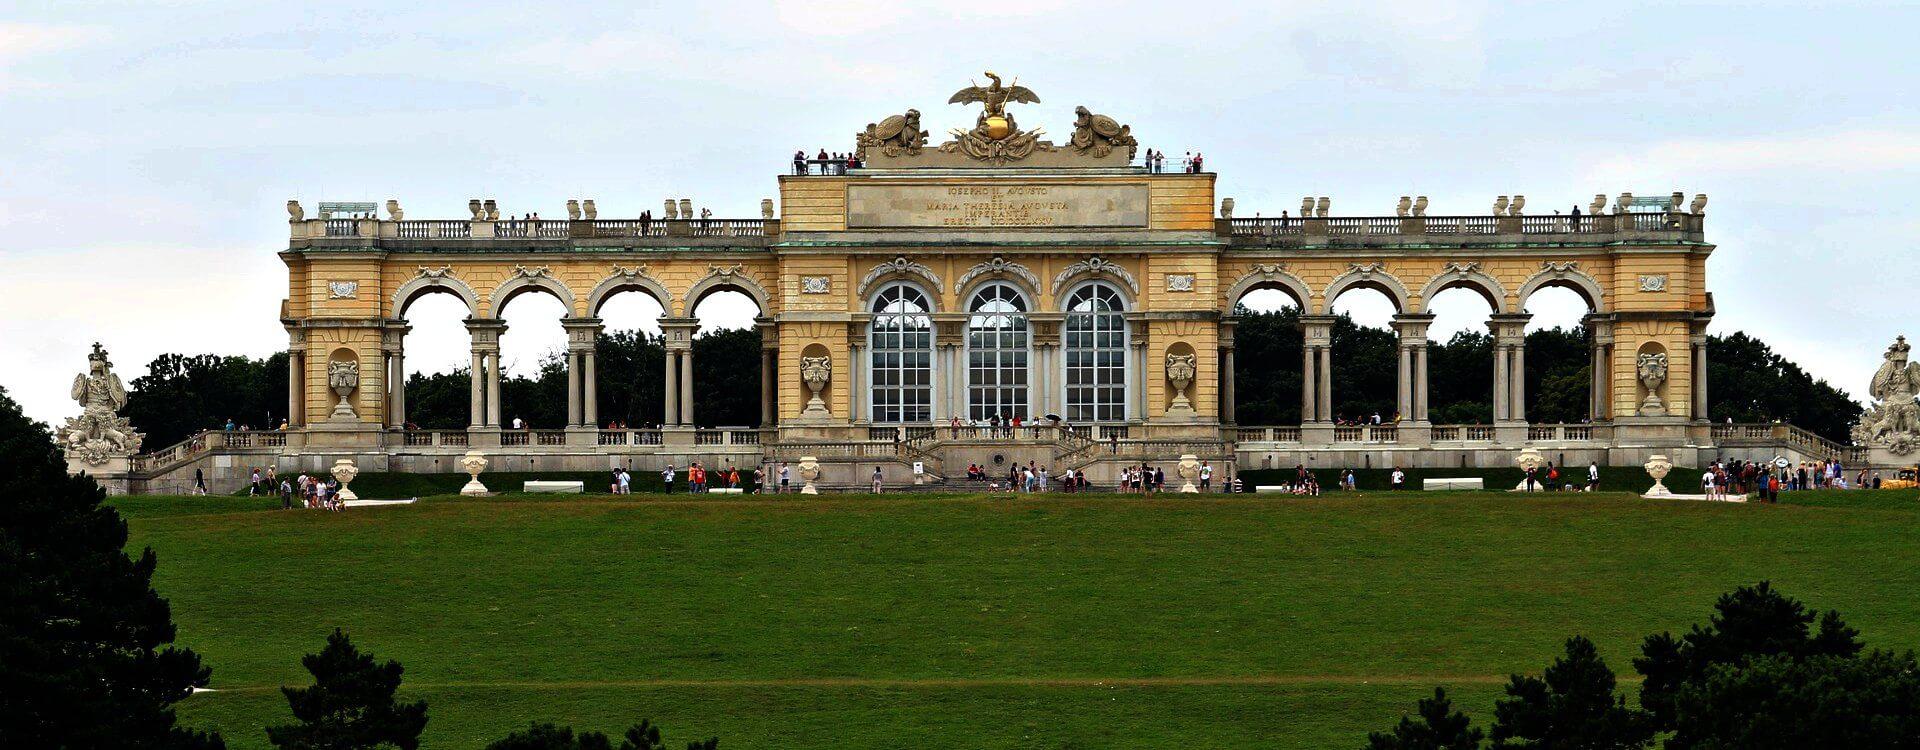 Beč Austrija, putovanje Austrija, Nova godina Austrija